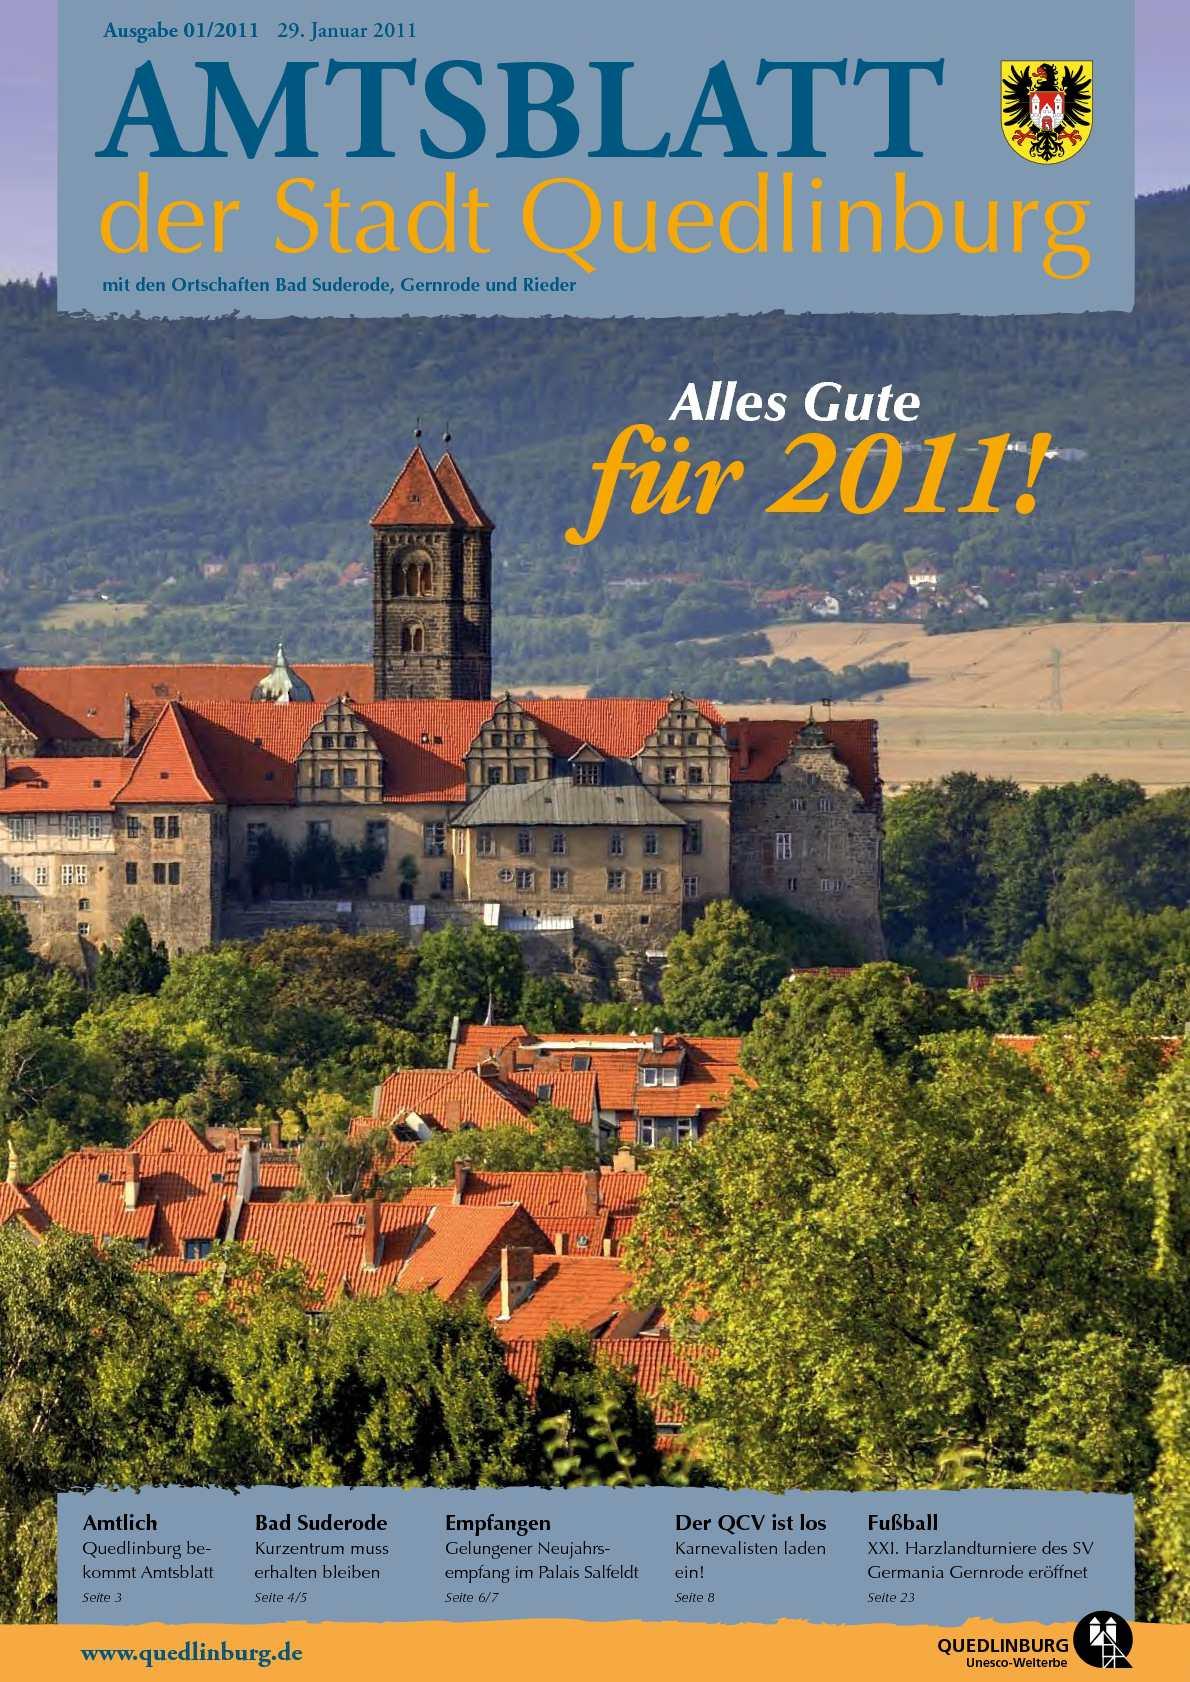 Calaméo - Amtsblatt 01/2011 der Stadt Quedlinburg mit den ...